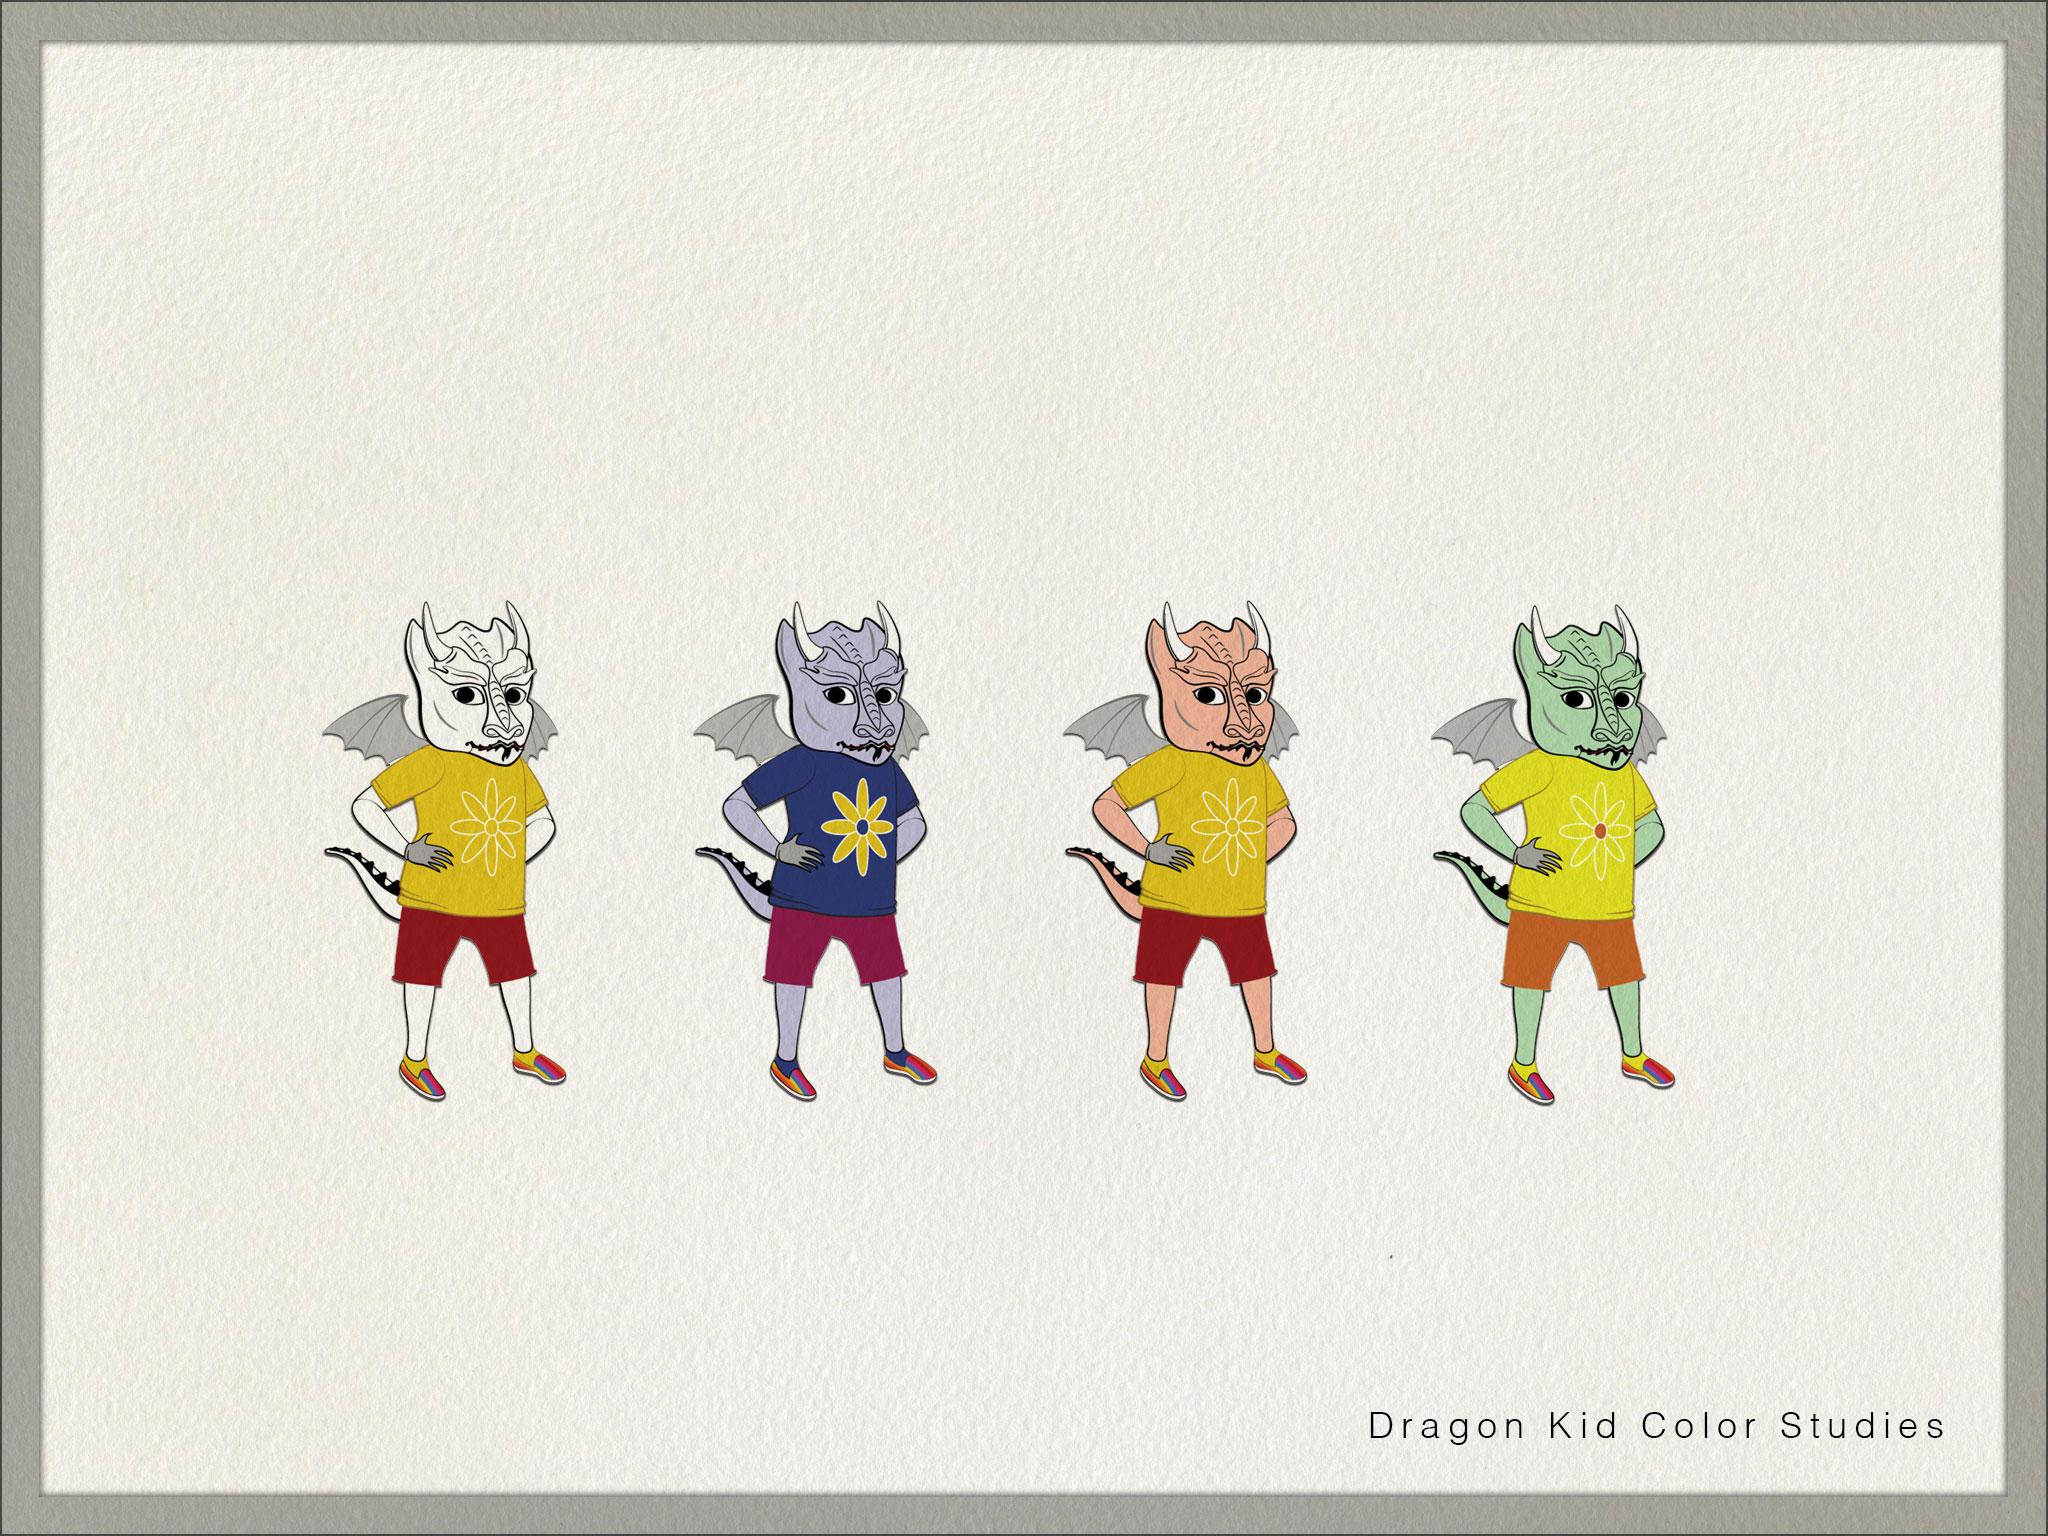 DK_Color_Studies.jpg